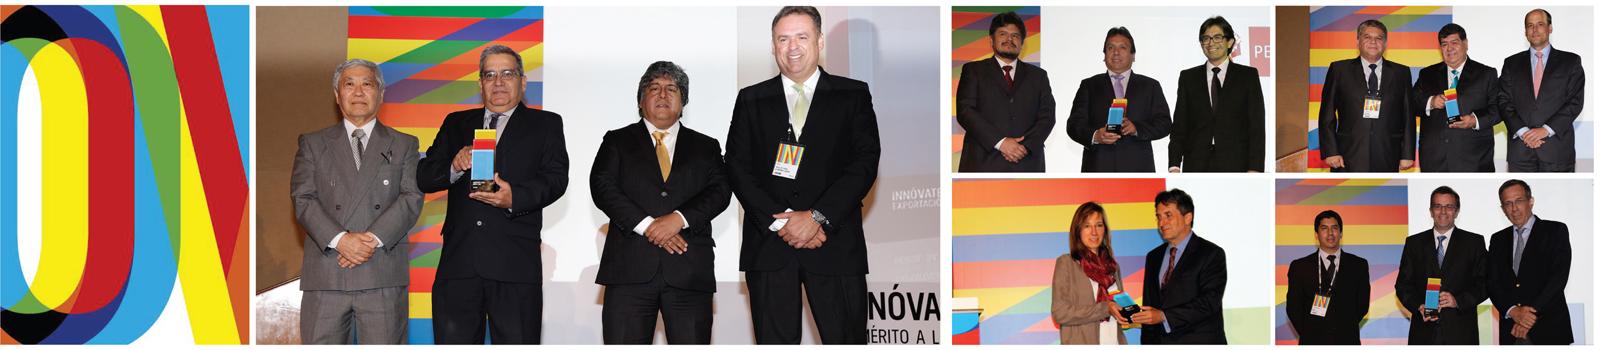 PRODUCE e Innóvate Perú reconocen a los mejores proyectos de innovación empresarial